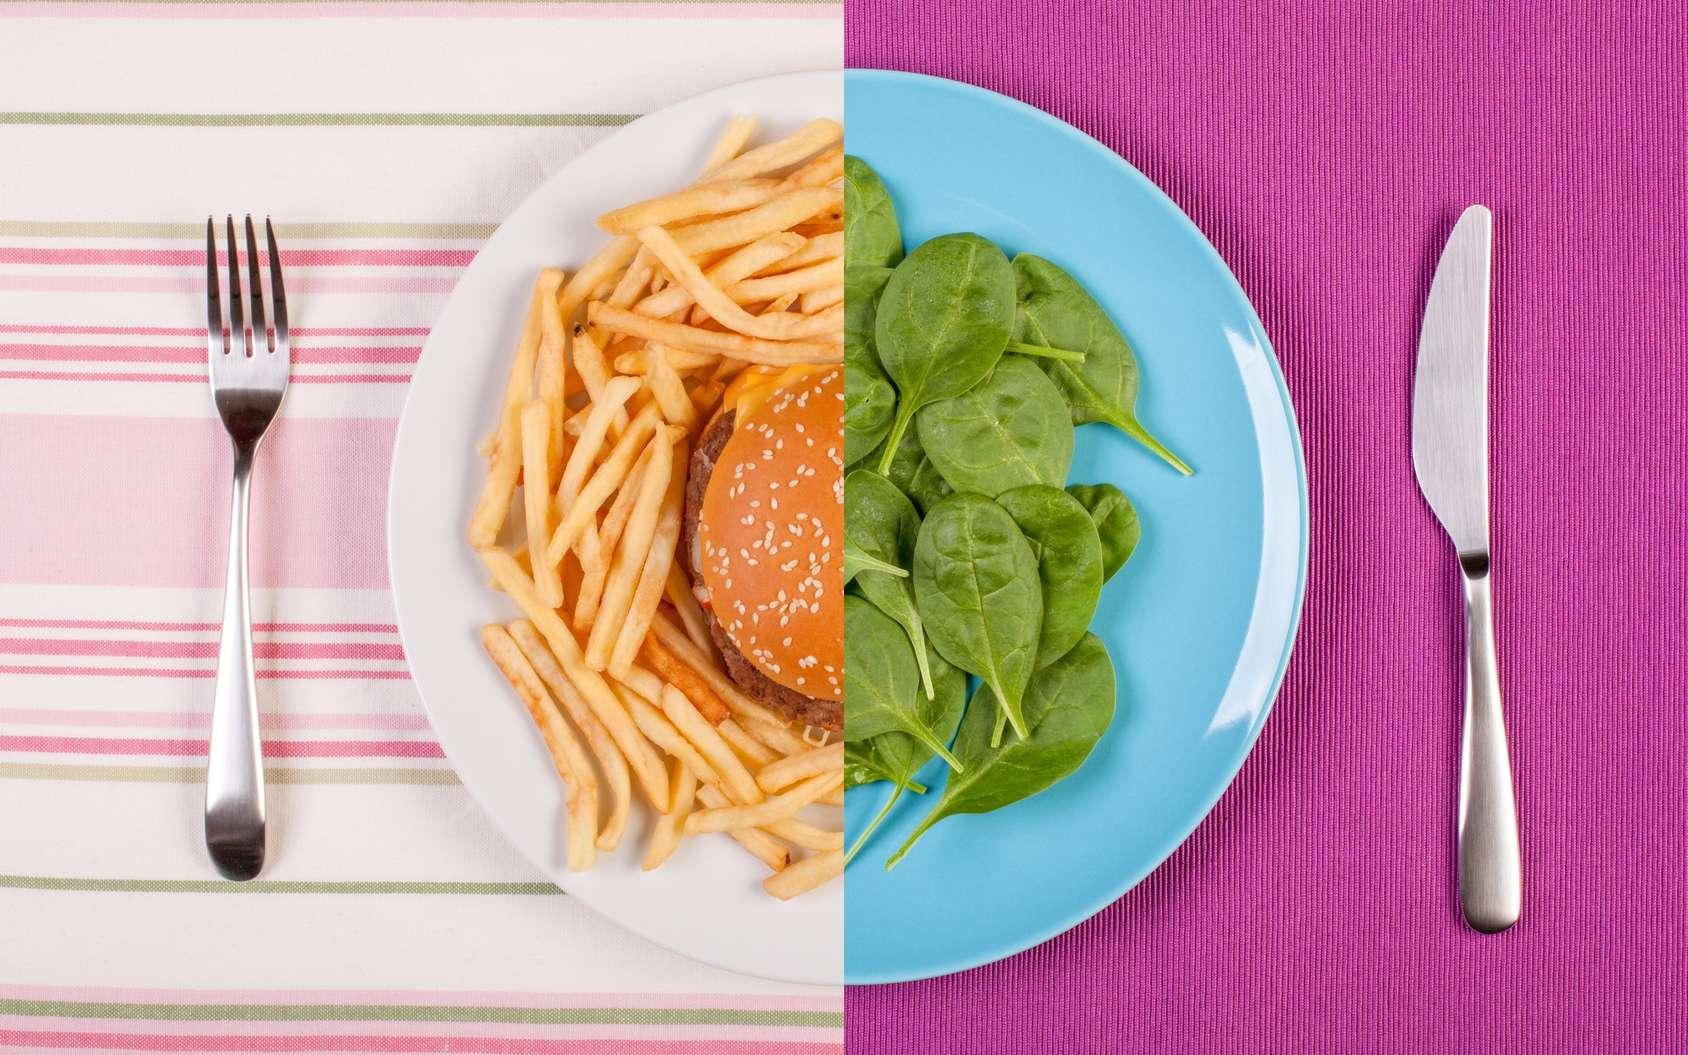 Les études sur la nutrition sont-elles biaisées ? © Pavel Bobrovskiy, Fotolia